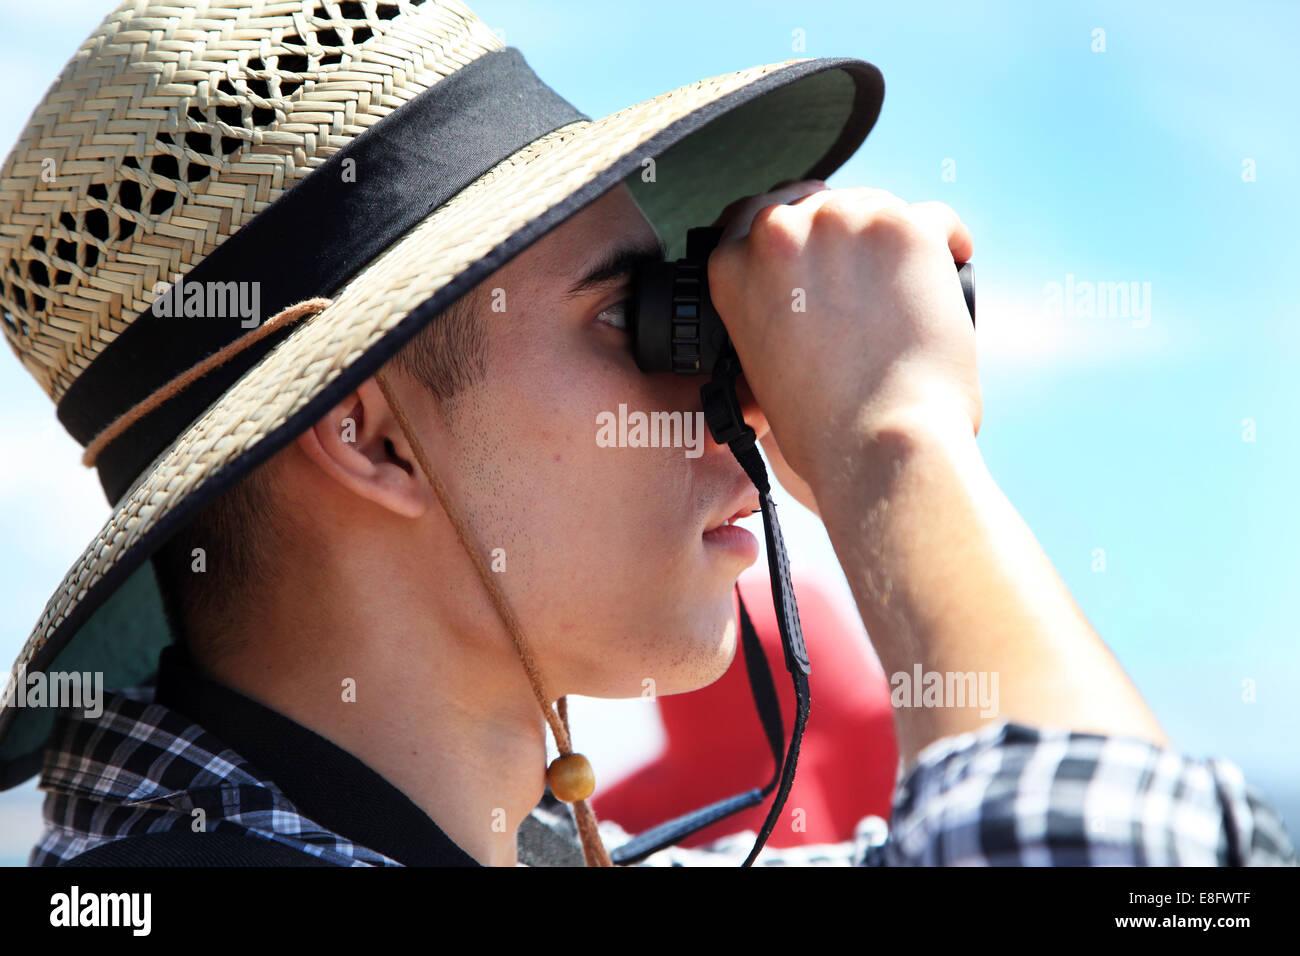 Australia, Nuovo Galles del Sud, Sydney, l'uomo cerca attraverso il binocolo Immagini Stock